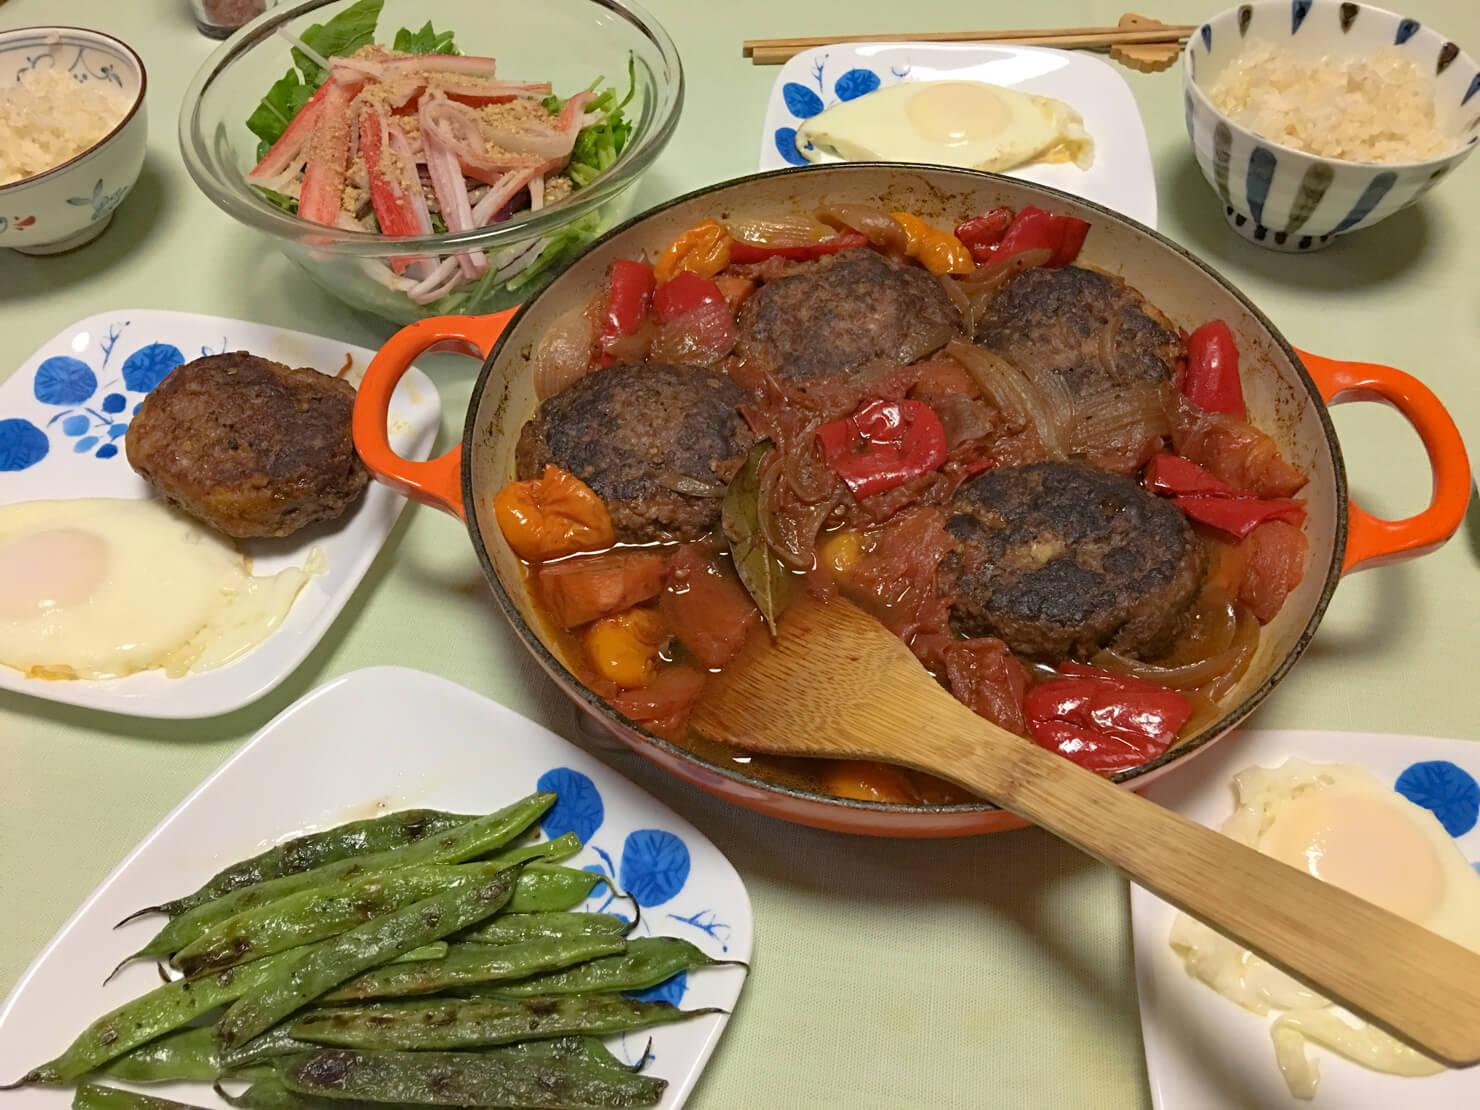 ビュッフェ キャセロールで作った煮込みハンバーグ中心の夕食の写真